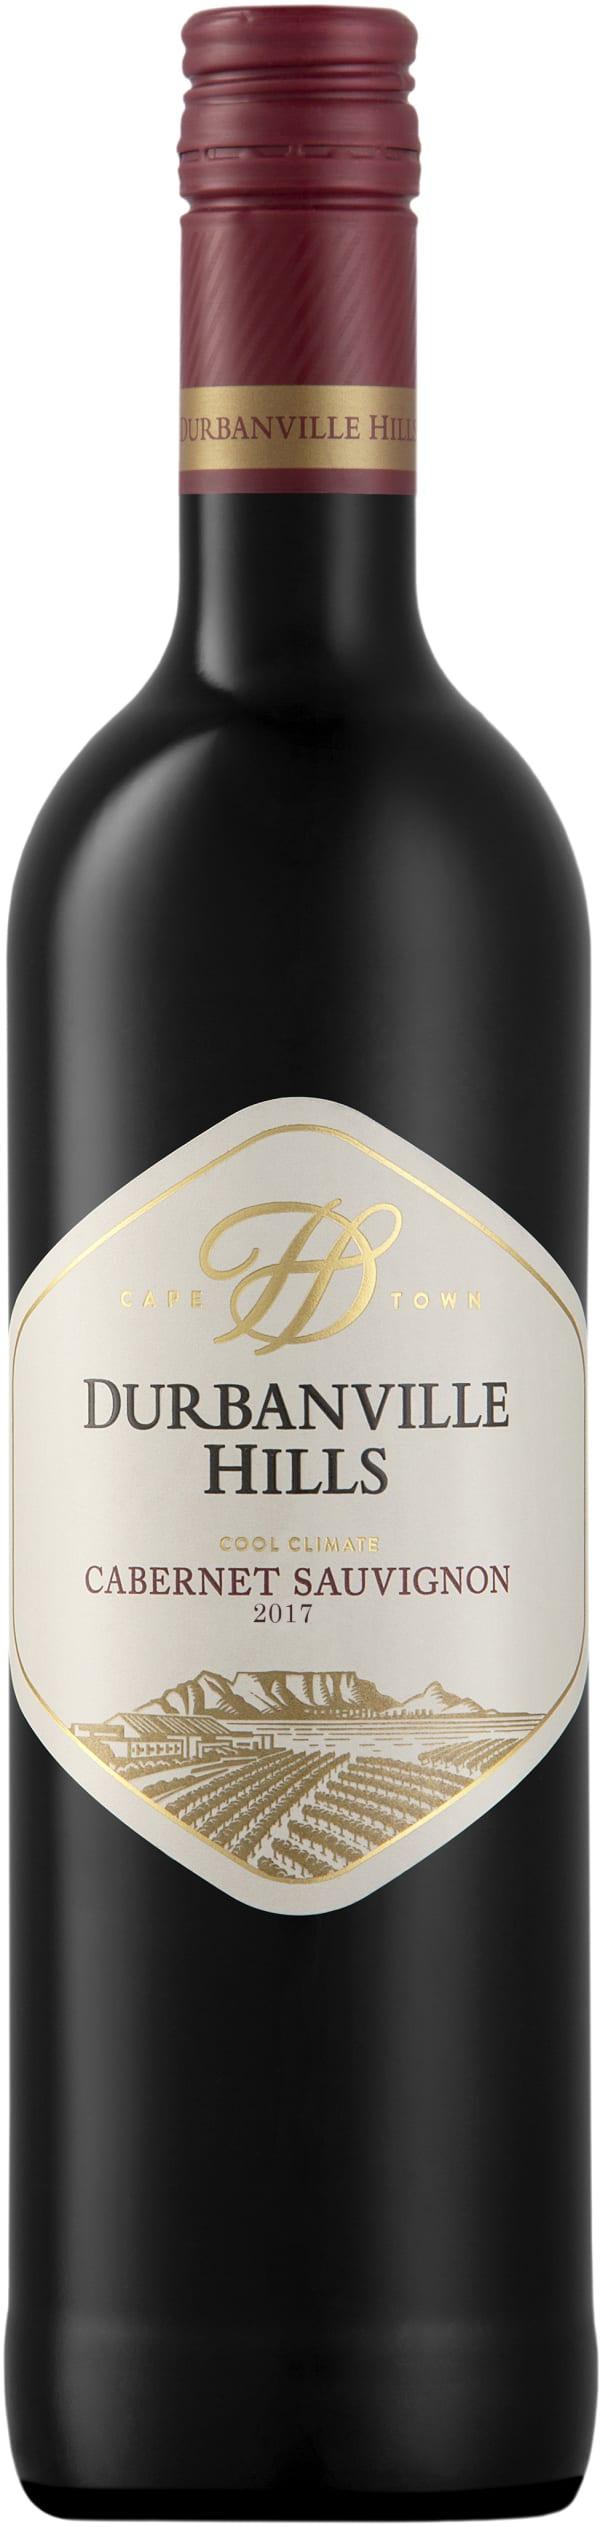 Durbanville Hills Cabernet Sauvignon 2017